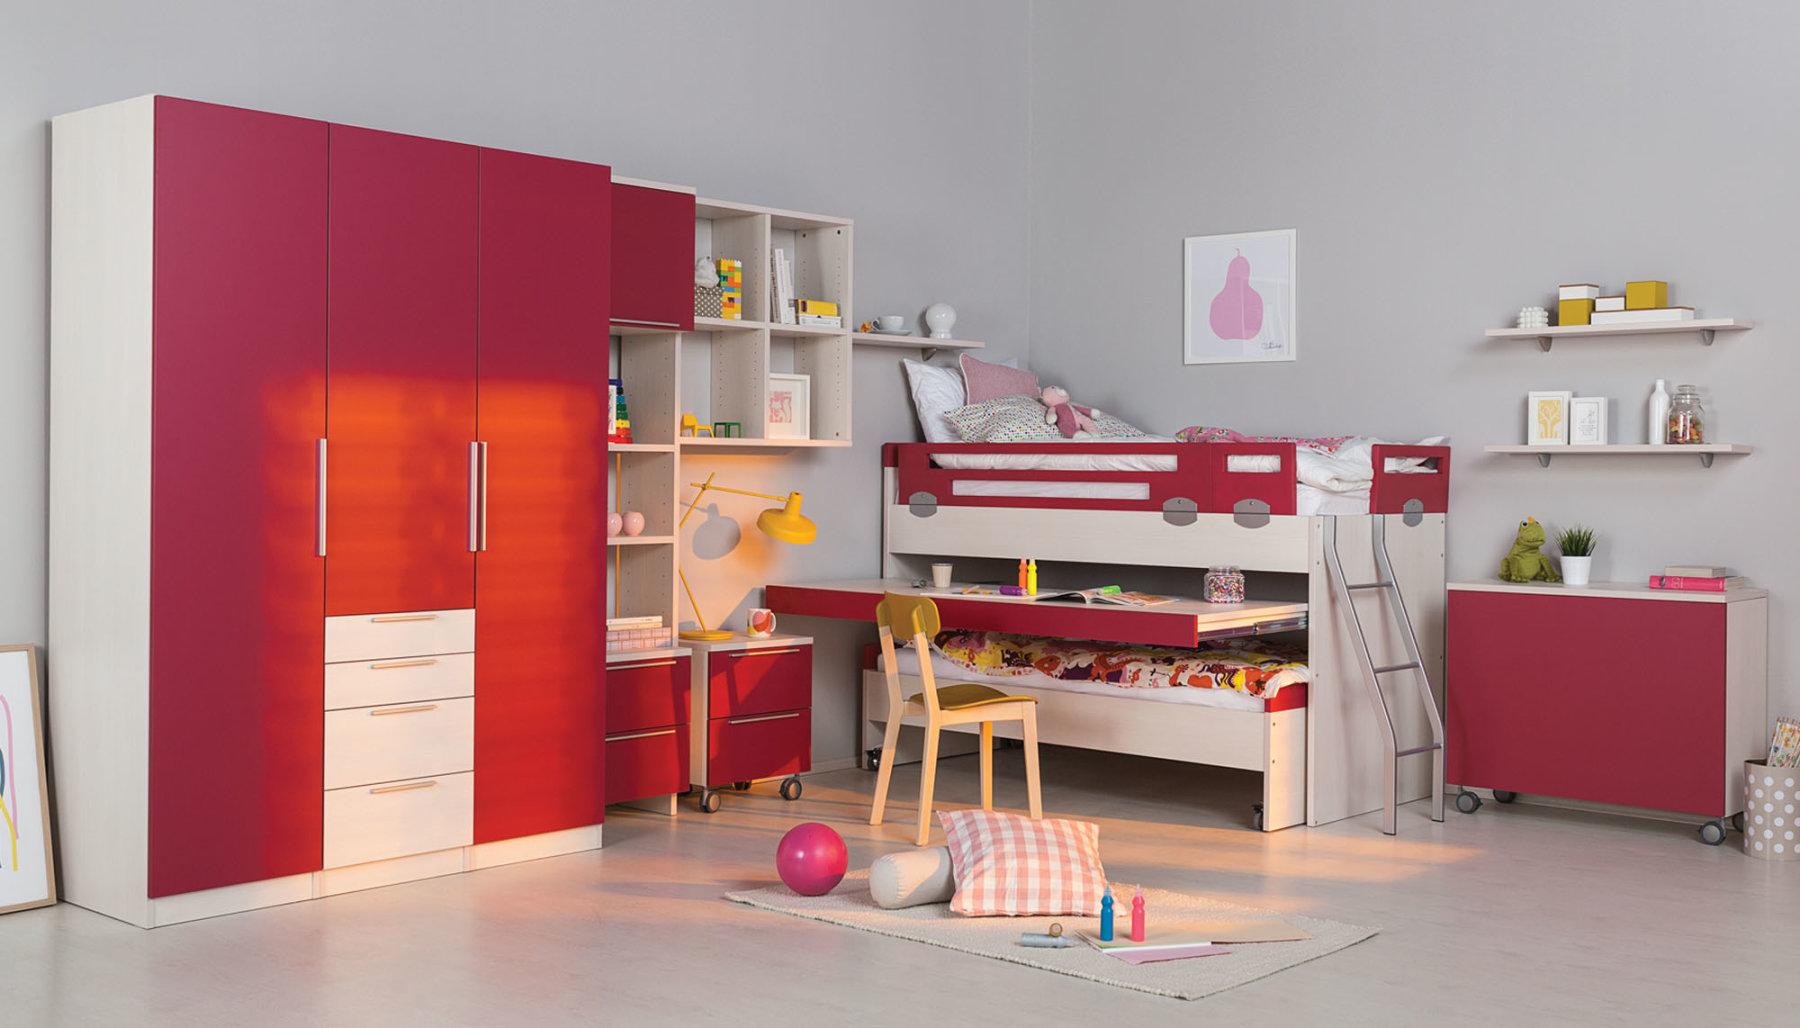 Kako učiniti dječju sobu funkcionalnom?